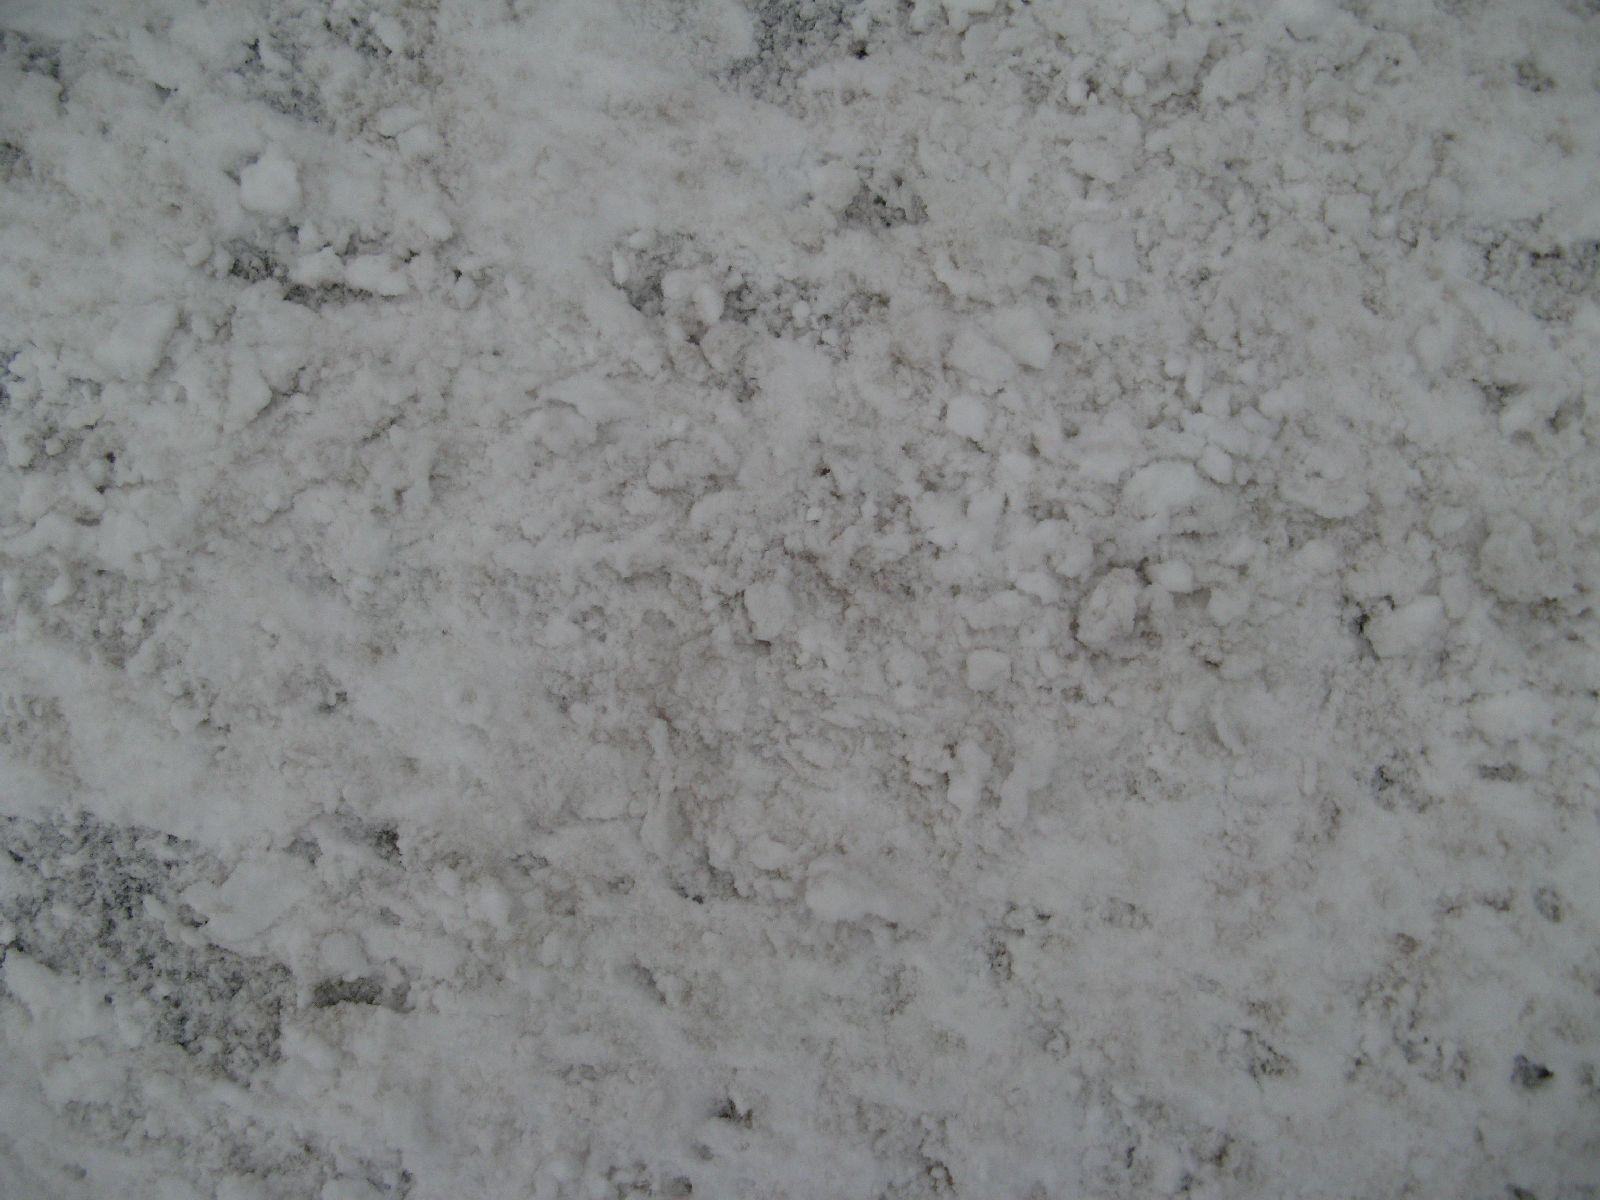 Snow_Texture_B_5888